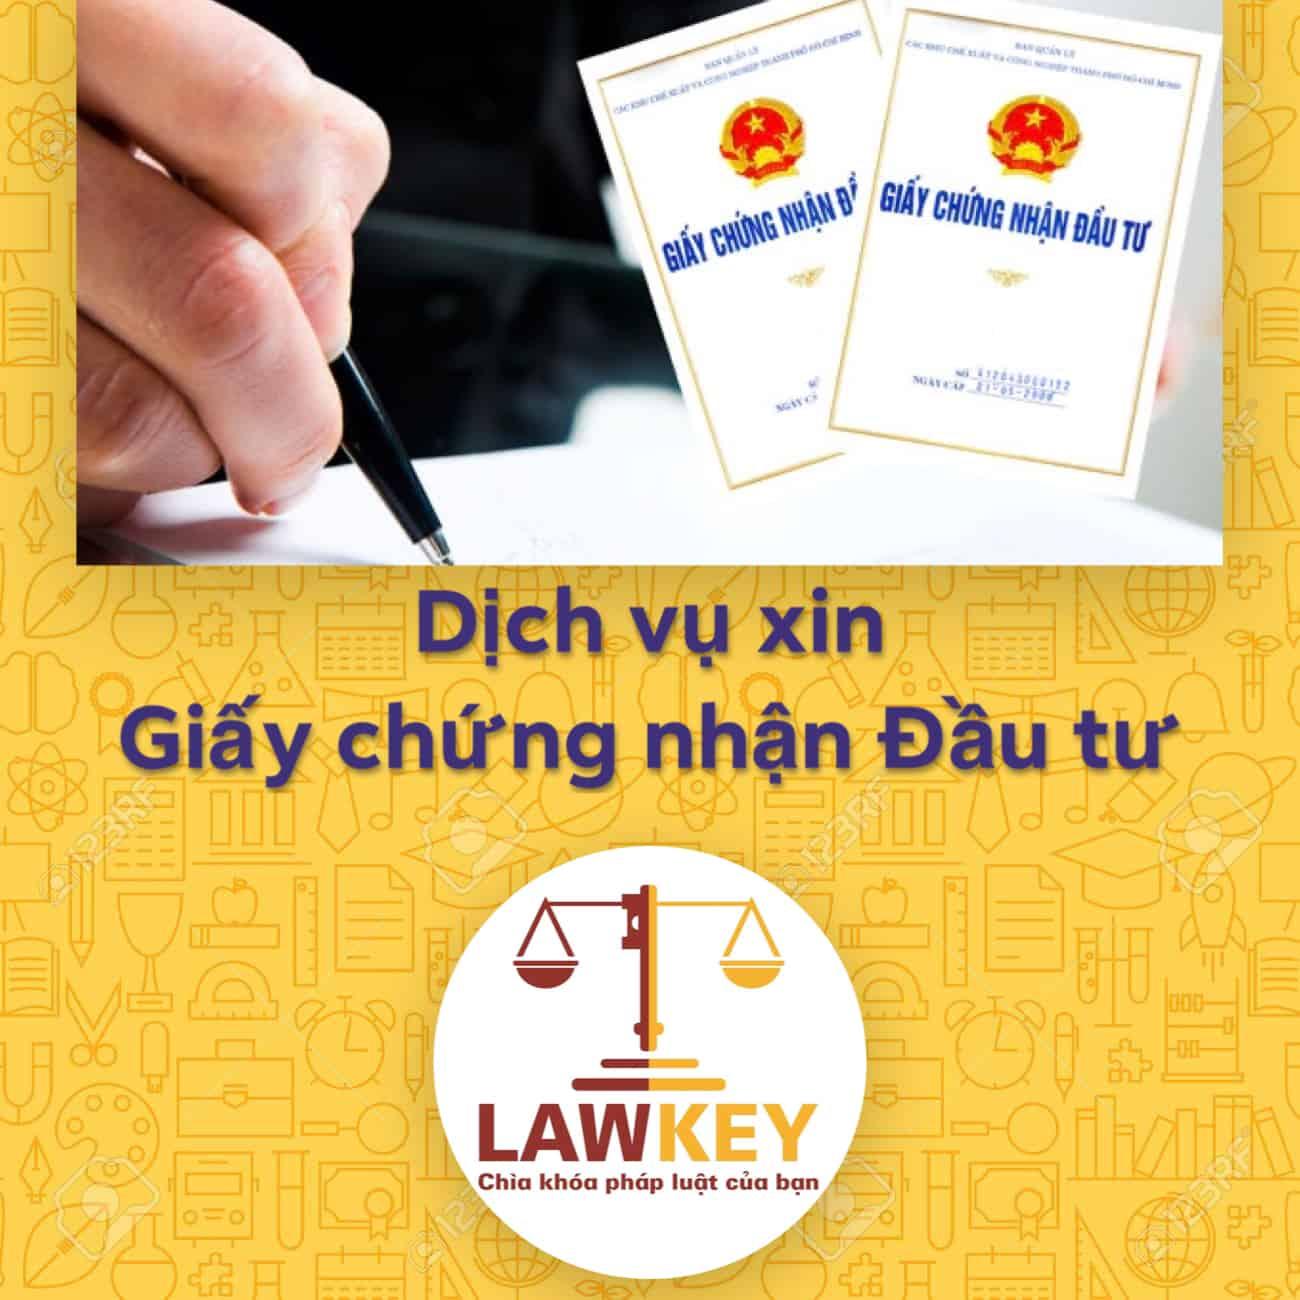 Dịch vụ xin giấy chứng nhận đầu tư uy tín, chuyên nghiệp